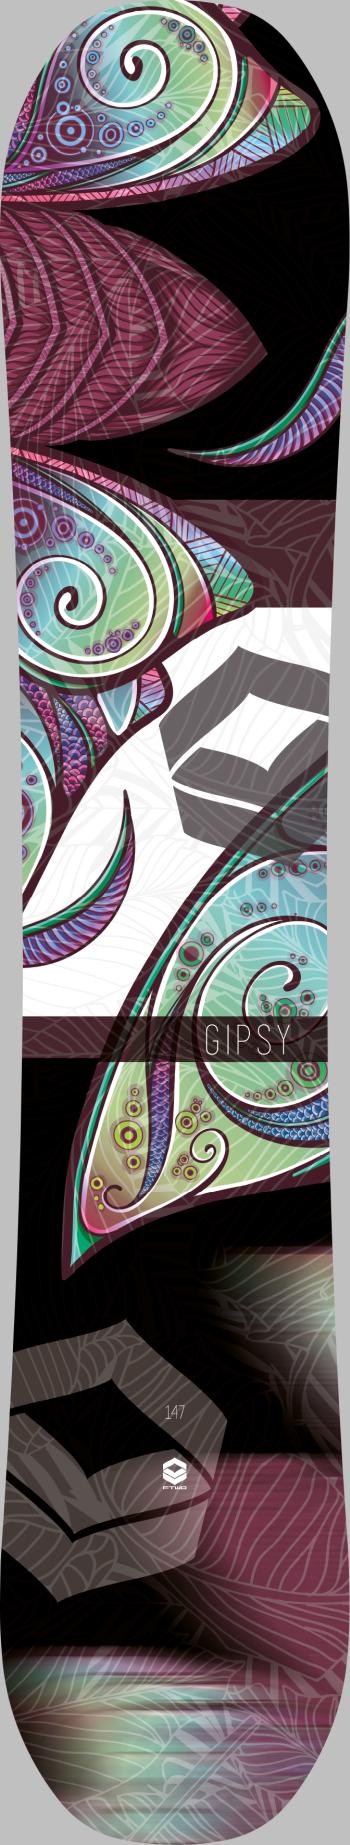 Gipsy black - Top